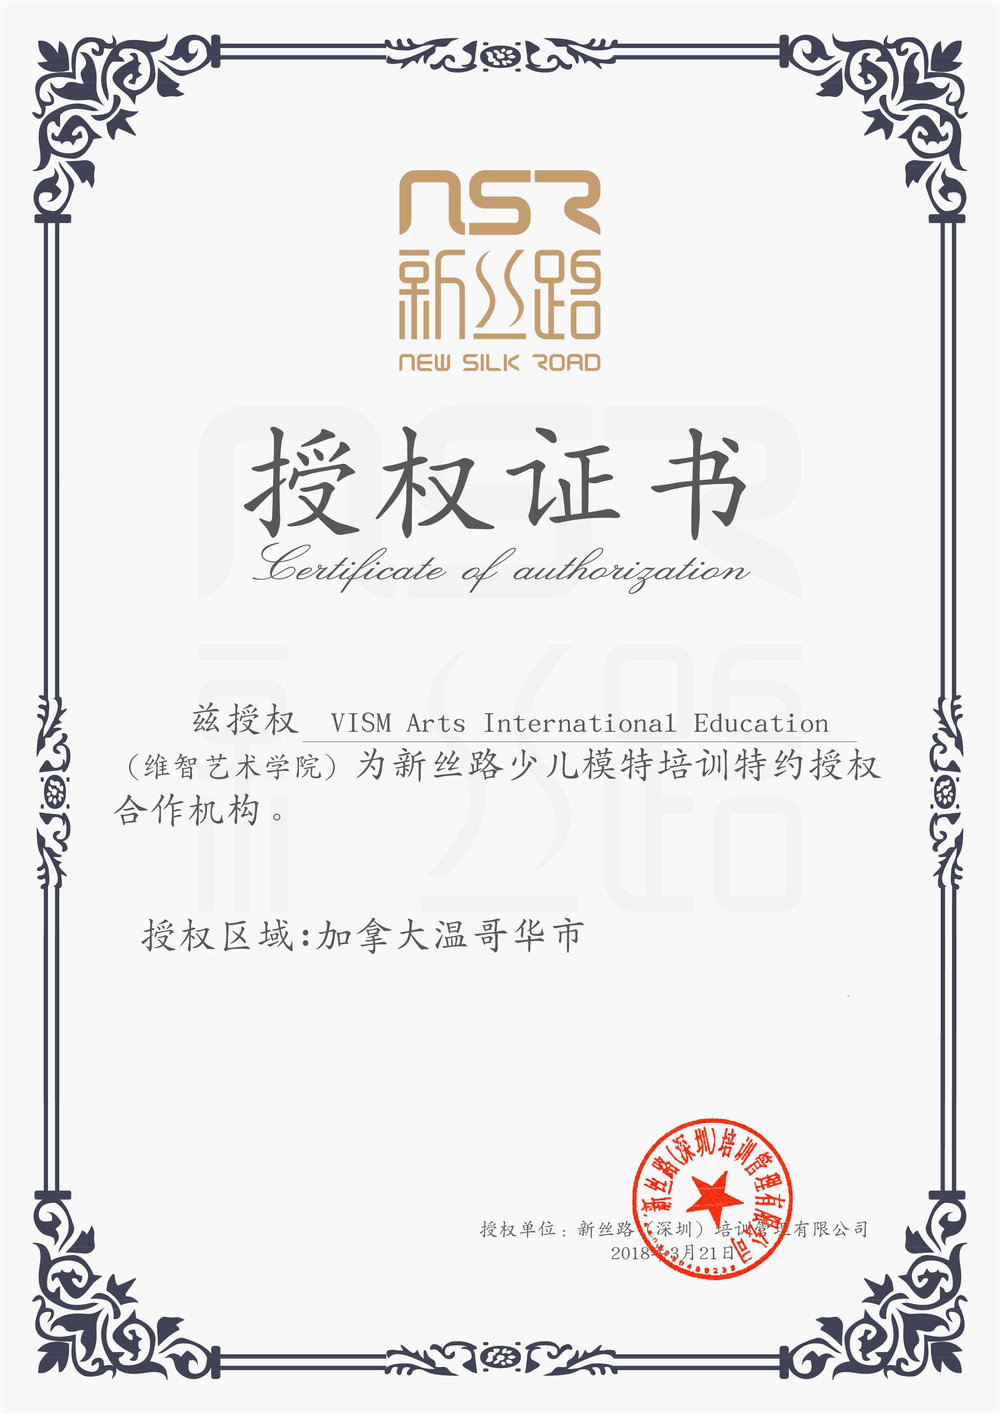 """加拿大唯一官方授权学院:维智艺术学院 - 新丝路是一家有着近三十年文化历史的公司,是中国成立最早、规模最大,最具有国际知名度的专业模特机构。为中国时尚行业培养出大批大家耳熟能详的超级名模:包括世界小姐张梓琳,国际超模刘雯、杜鹃、游天翼、孟飞……也走出了高伟光、马艳丽、瞿颖、周韦彤、彭冠英、杨烁等优秀艺人。被社会各界誉为""""中国名模的摇篮""""和""""通往世界的天桥""""。"""